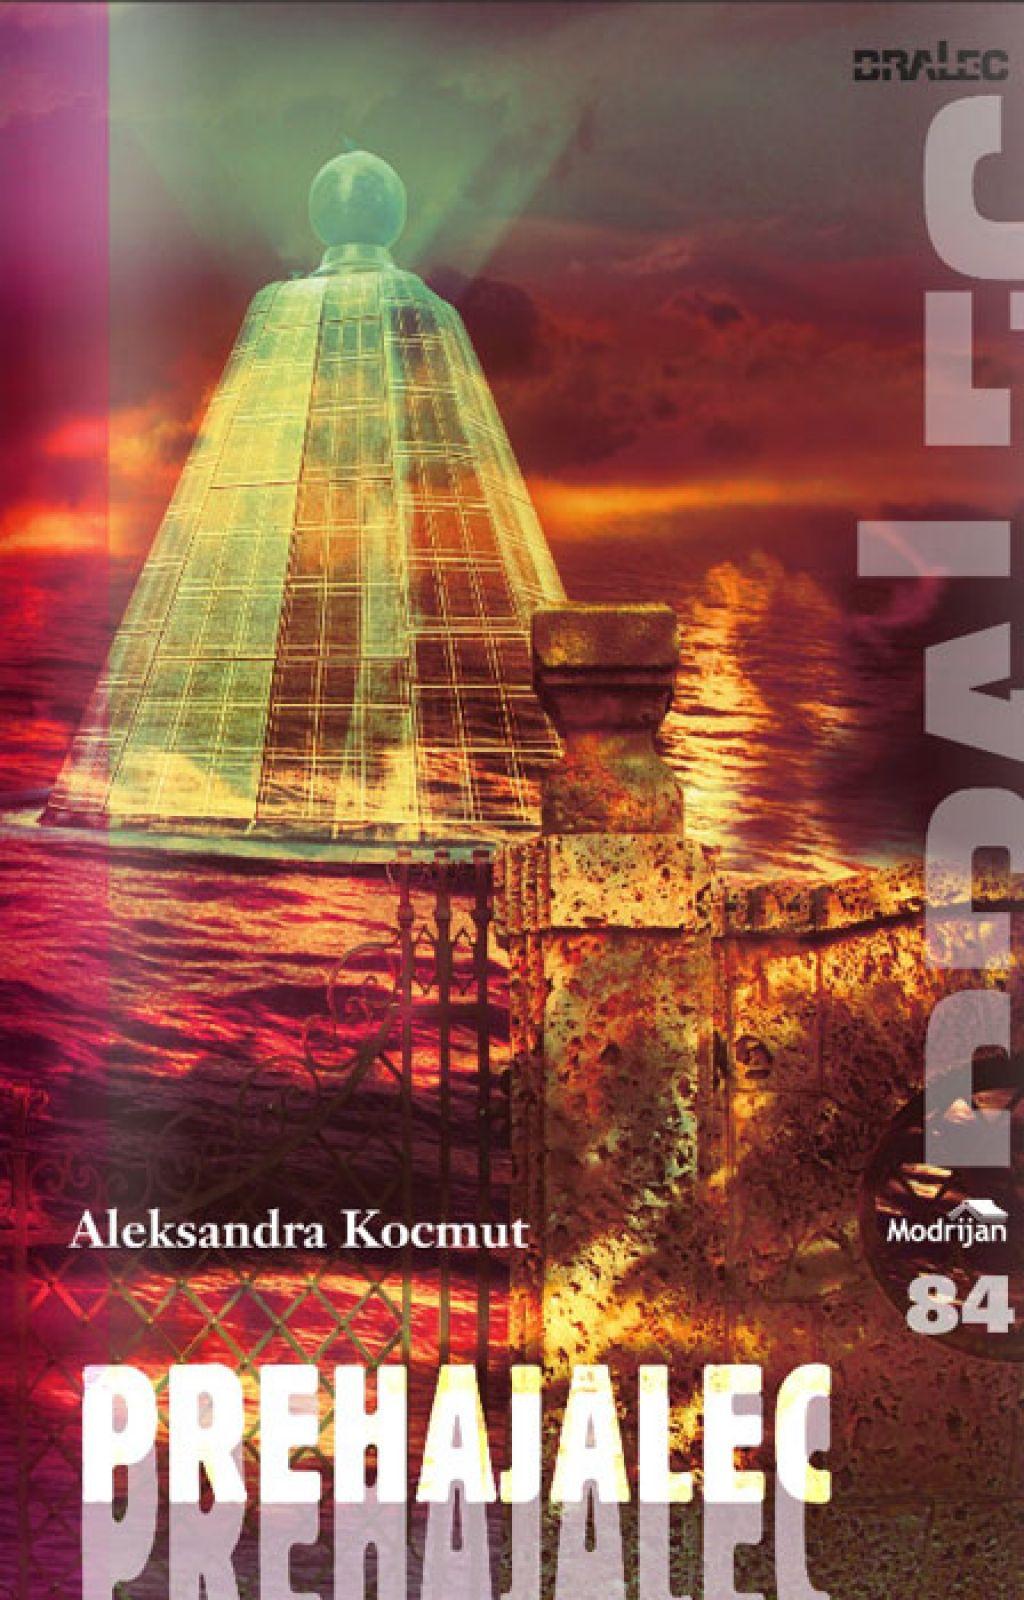 Recenzija knjige: Odpiralec vrat